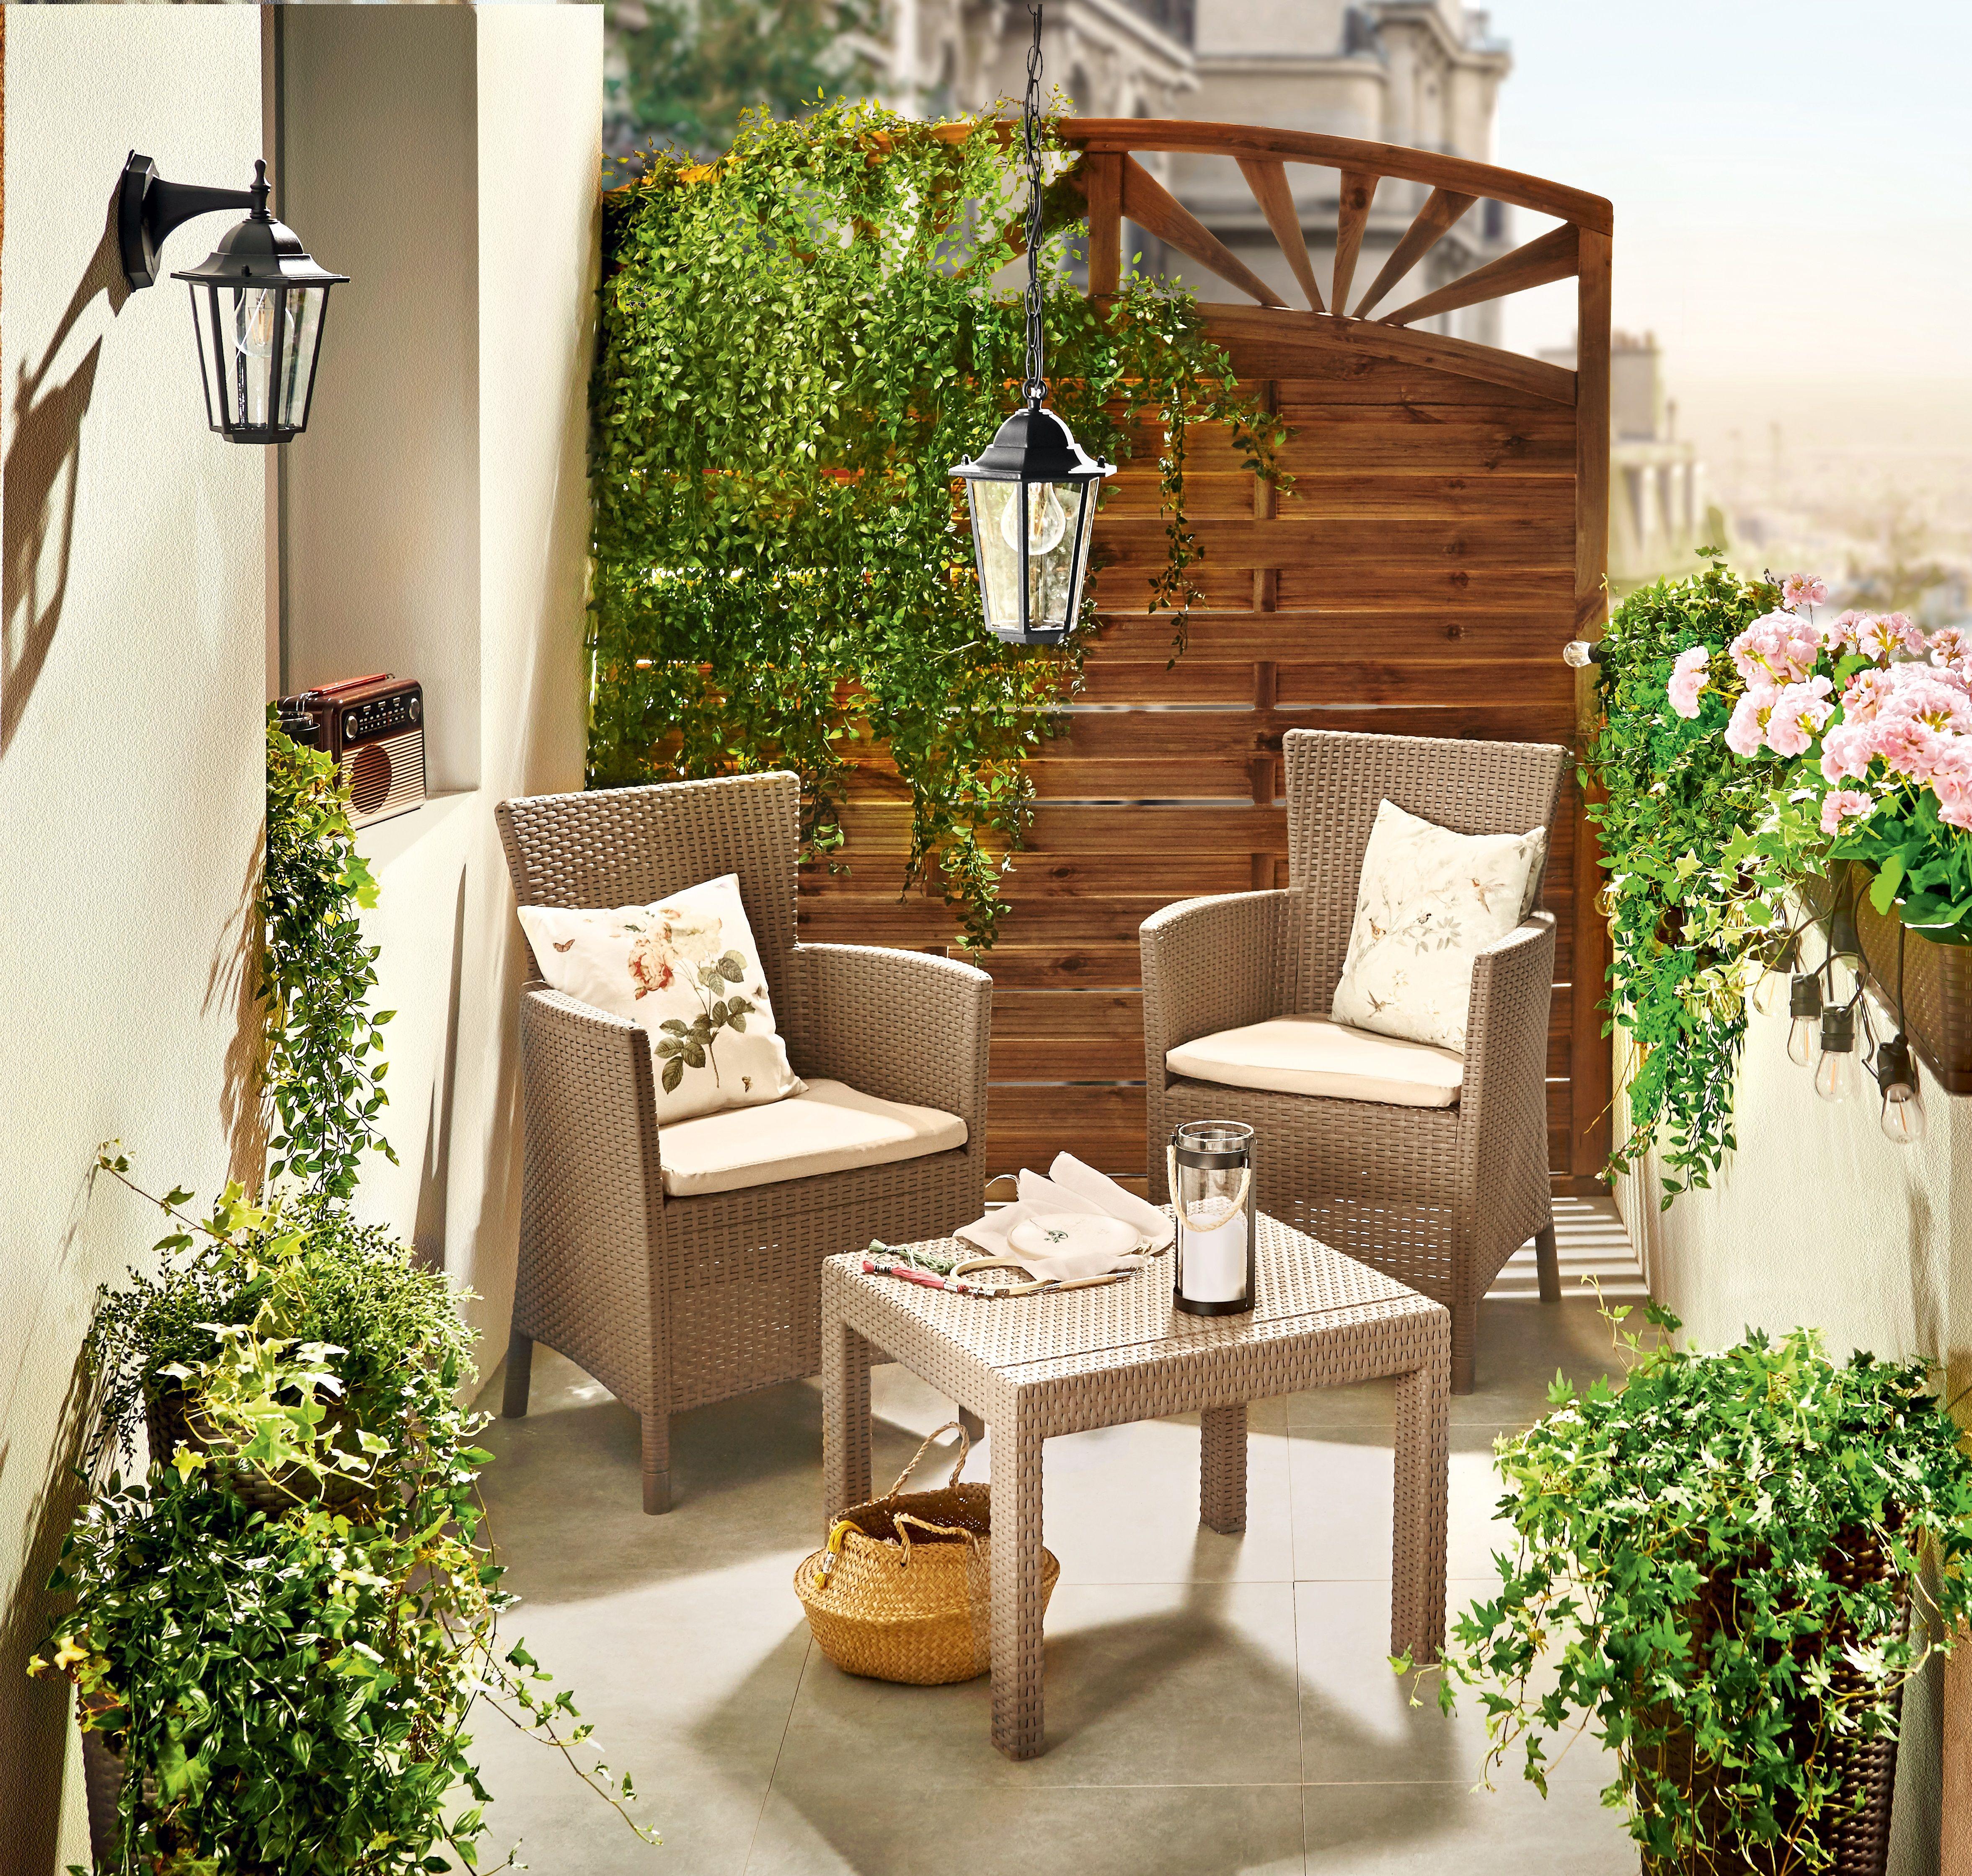 Ogrod Na Balkonie Outdoor Furniture Sets Outdoor Furniture Outdoor Decor